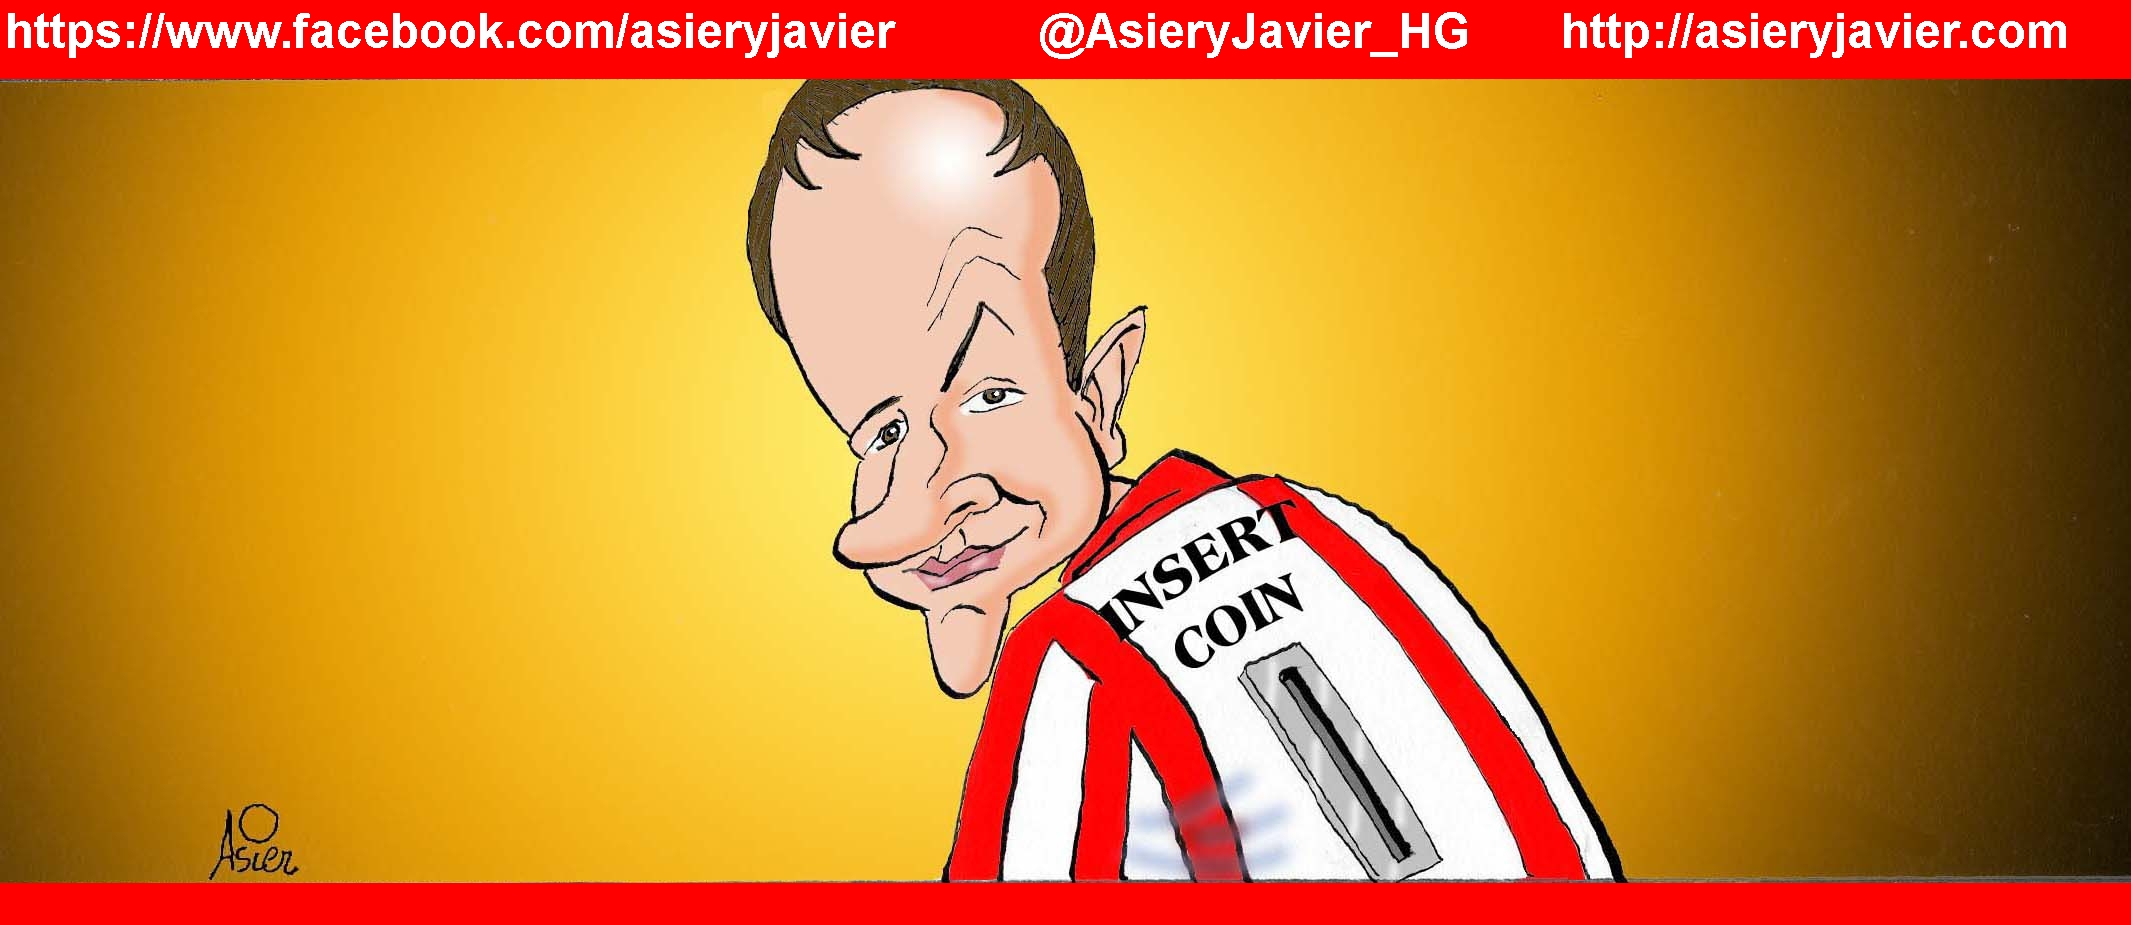 El futbolista Ander Herrera deja el Athletic de Bilbao y ficha por el Manchester United